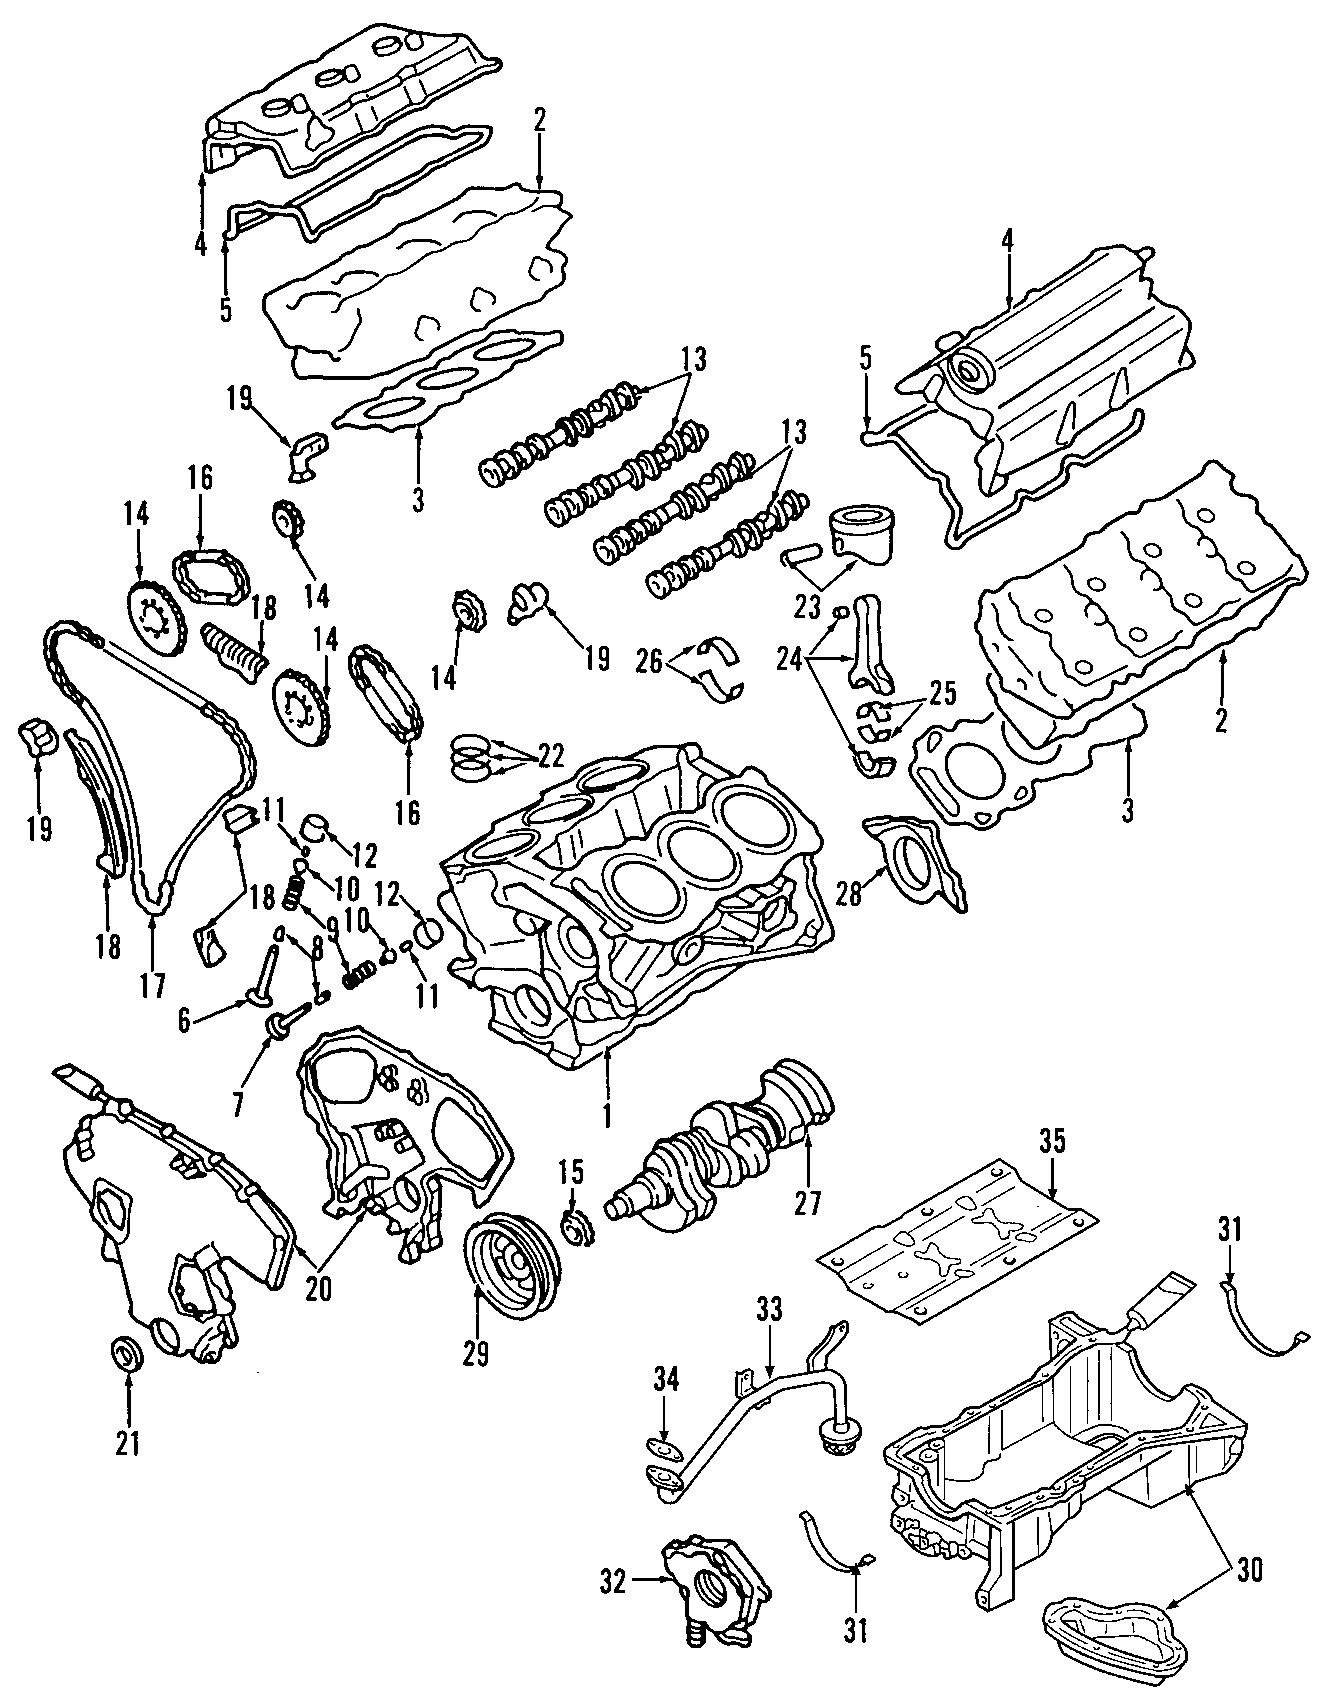 Nissan Quest Engine Camshaft Follower Lifter